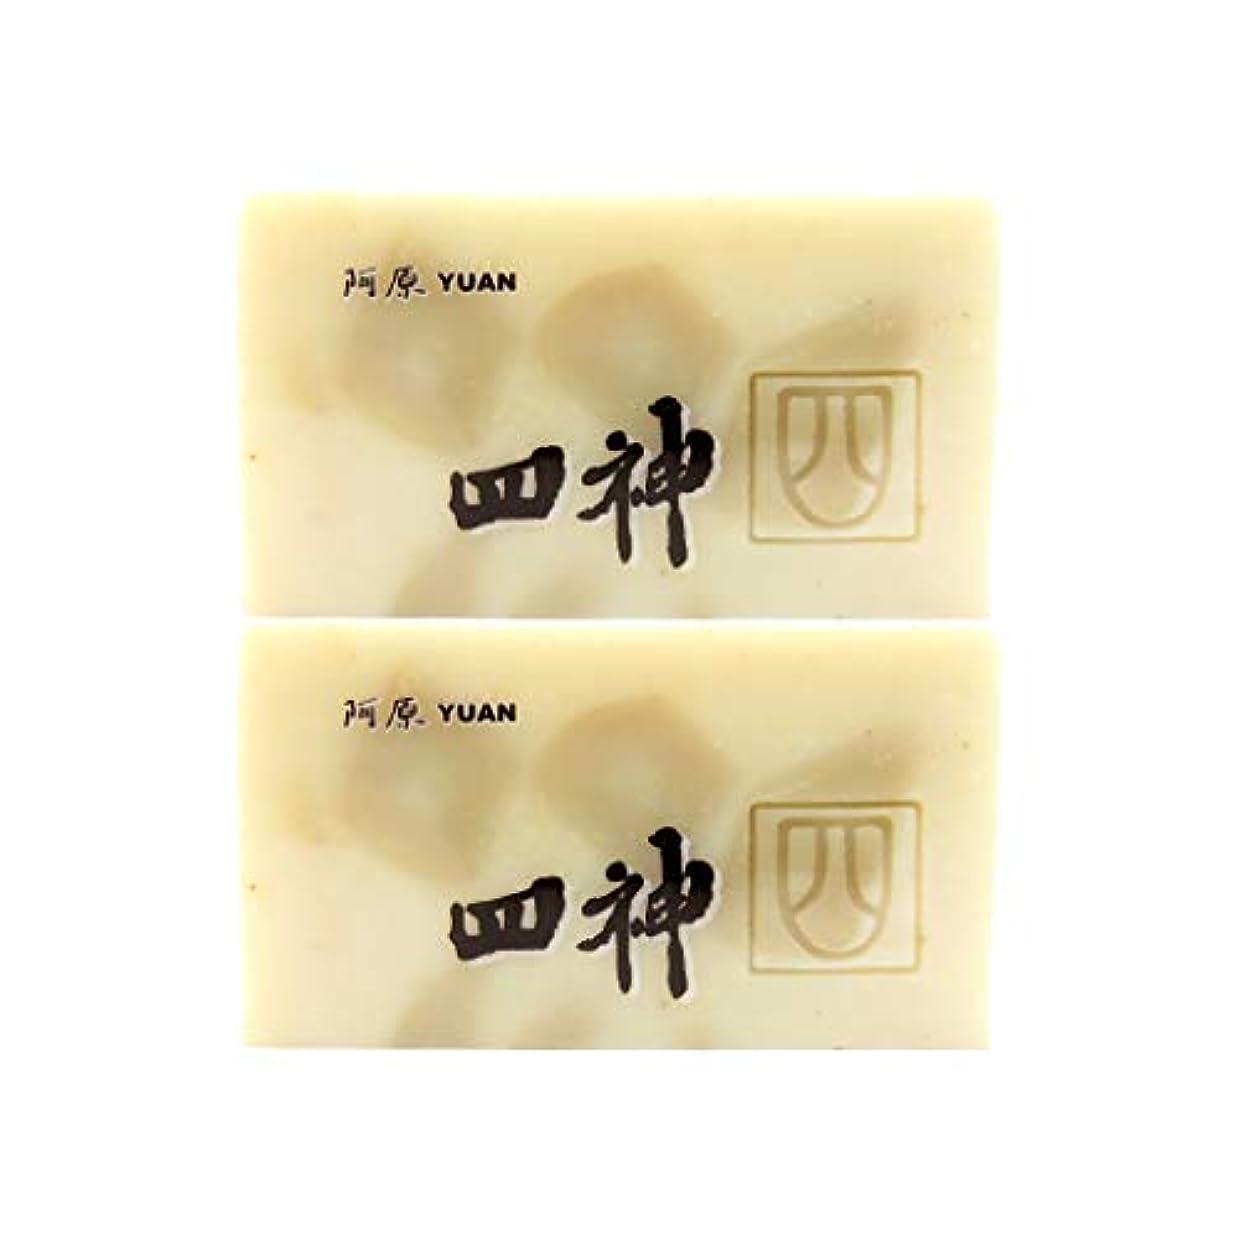 ひいきにするうっかり飛躍ユアン(YUAN) 四神ソープ 100g (2個セット)